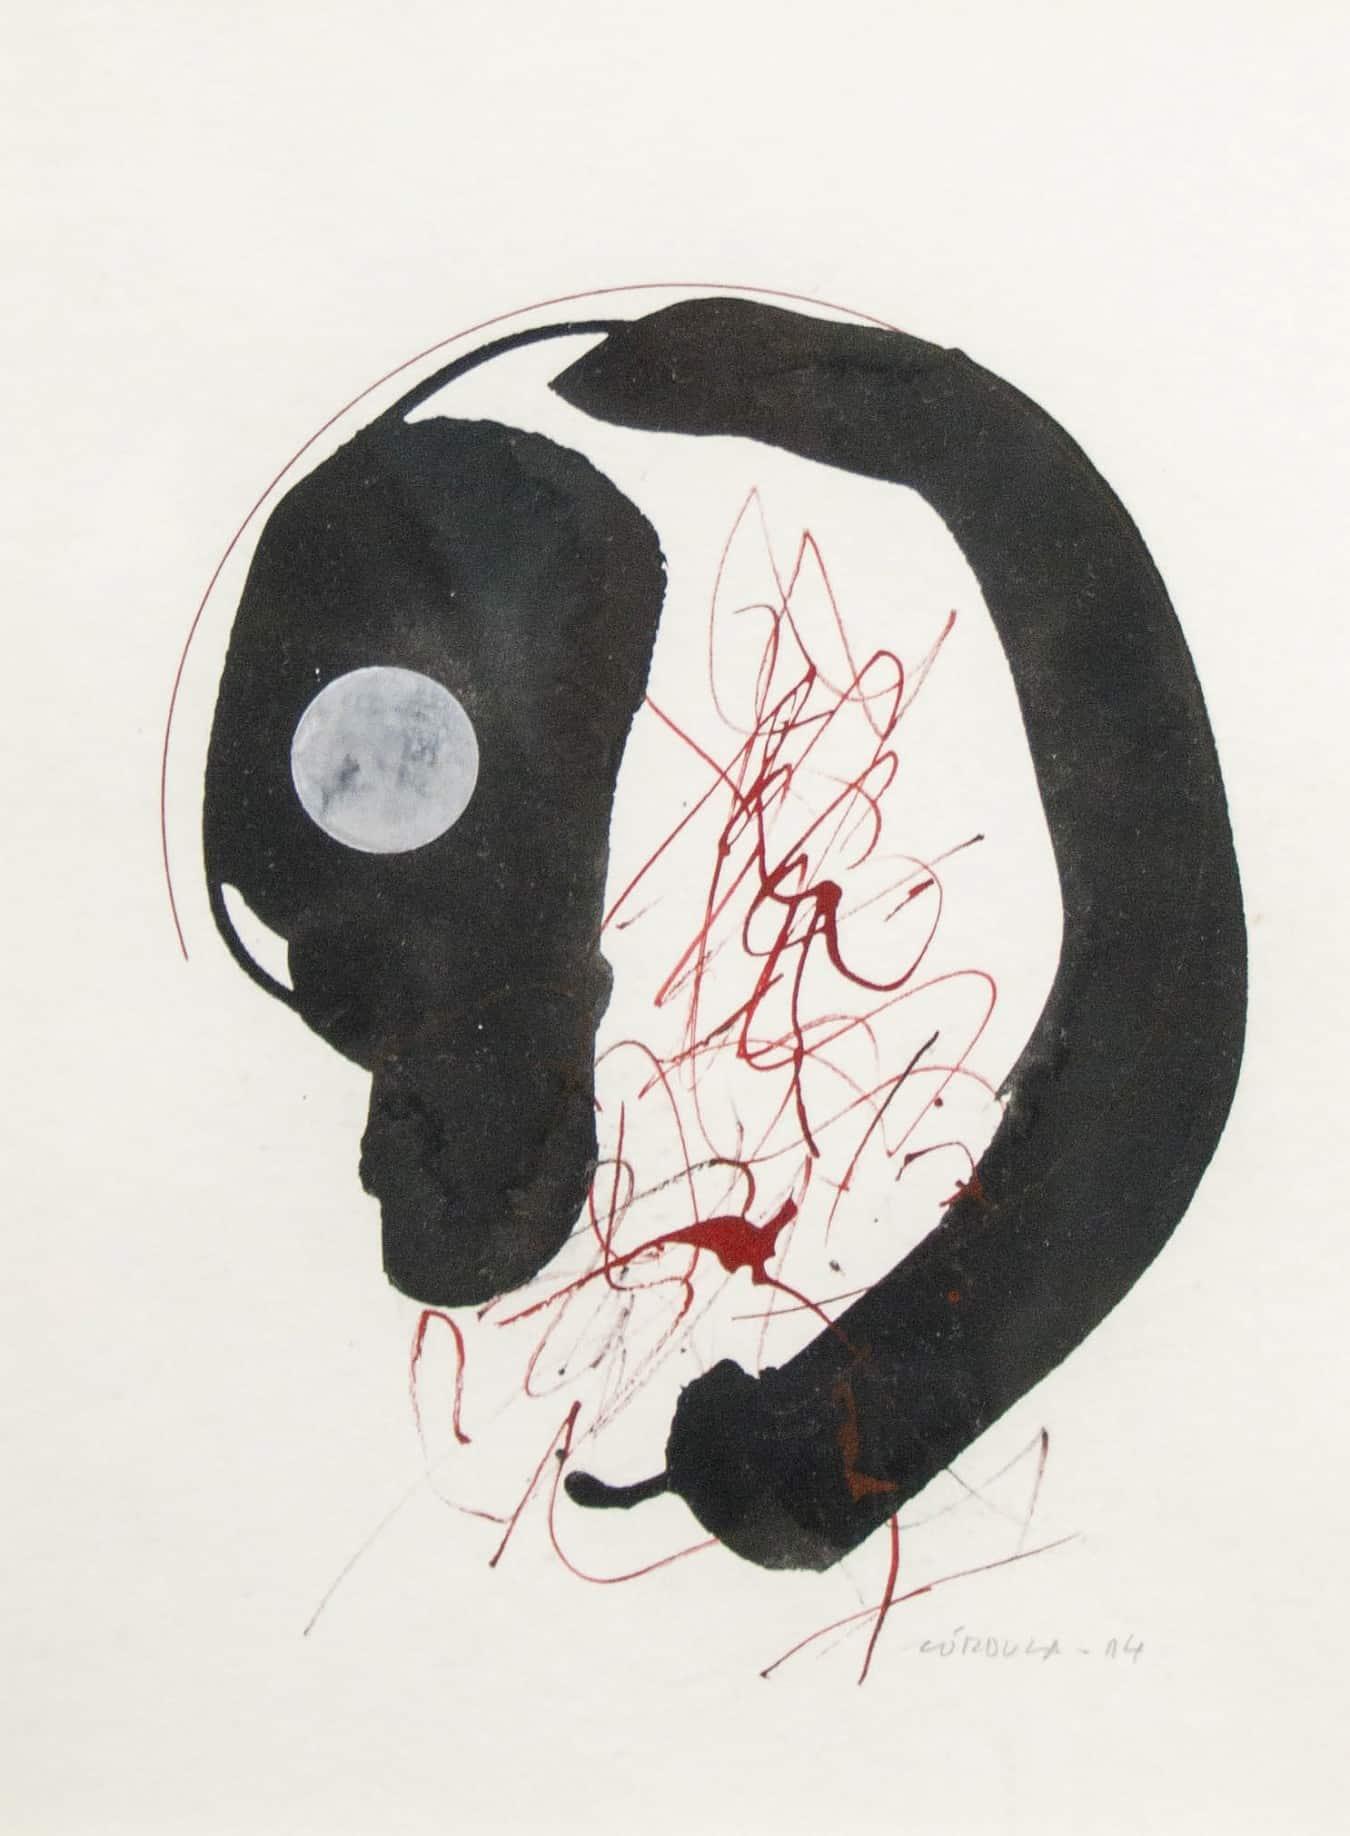 Raul Córdula 1 - Raul Córdula em                                                                                                                                                                                                                                                                                                                                                    exposição na Arte Plural Galeria